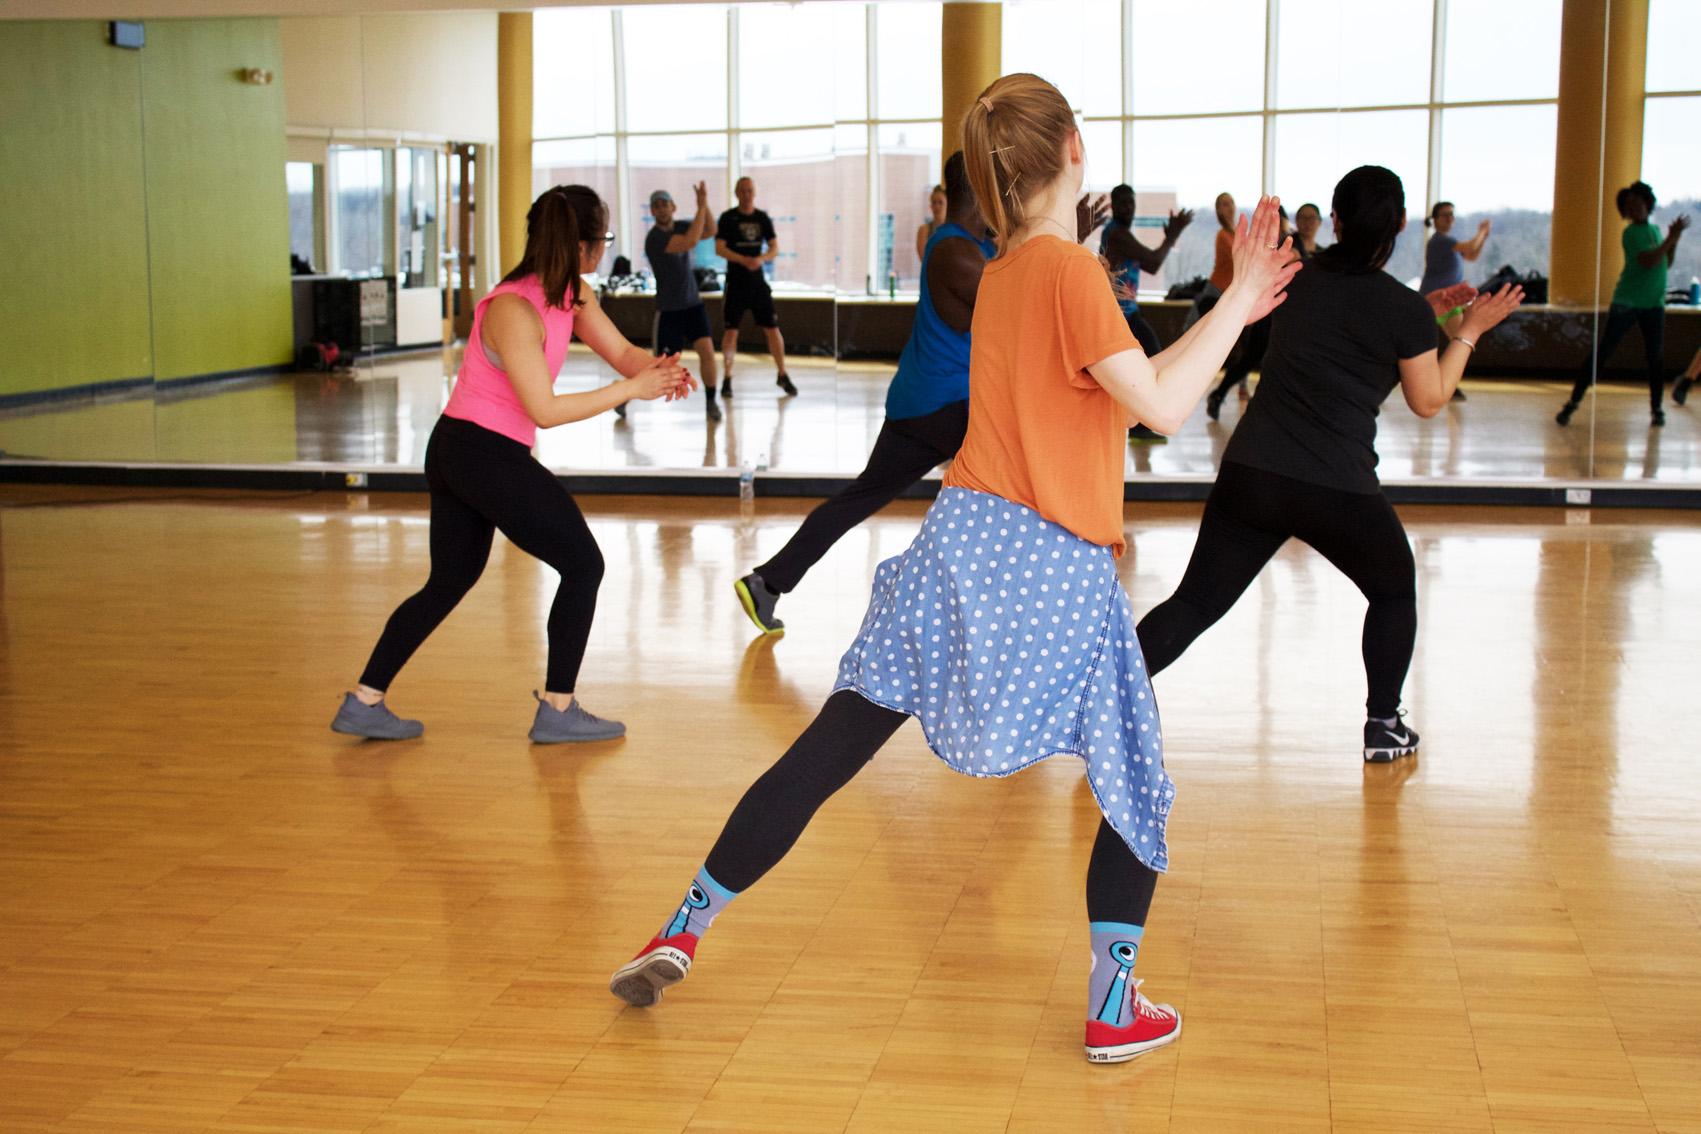 ダンス 痩せる 二 キロ 週間 で 十